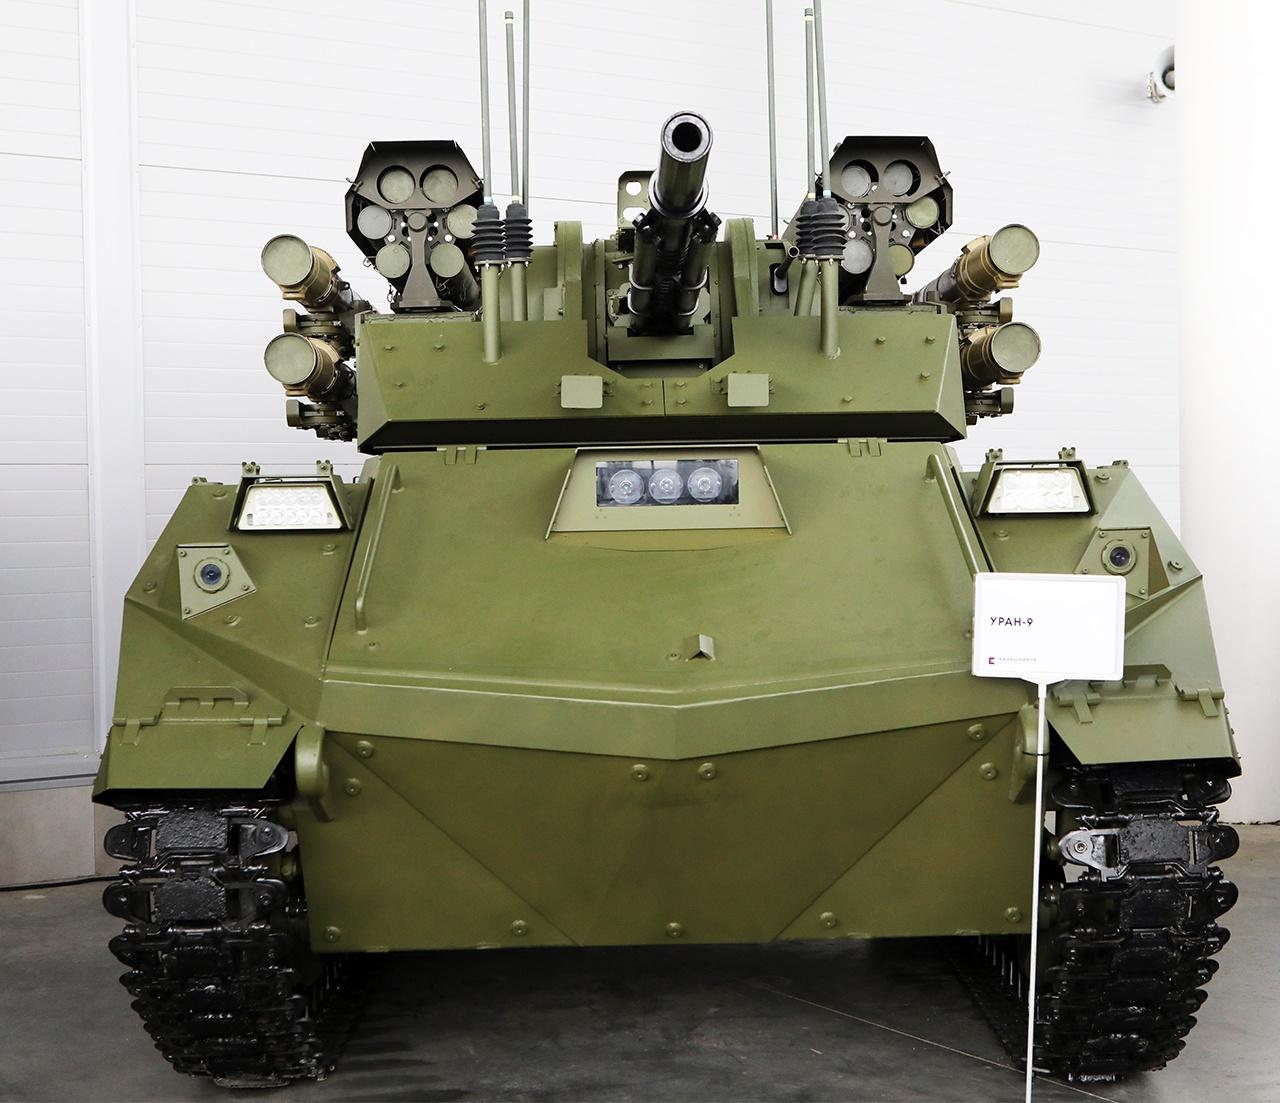 Боевой необитаемый многофункциональный РТК на гусеничном ходу «Уран-9» предназначен для выполнения задач разведки, огневой поддержки и уничтожения бронетехники противника.